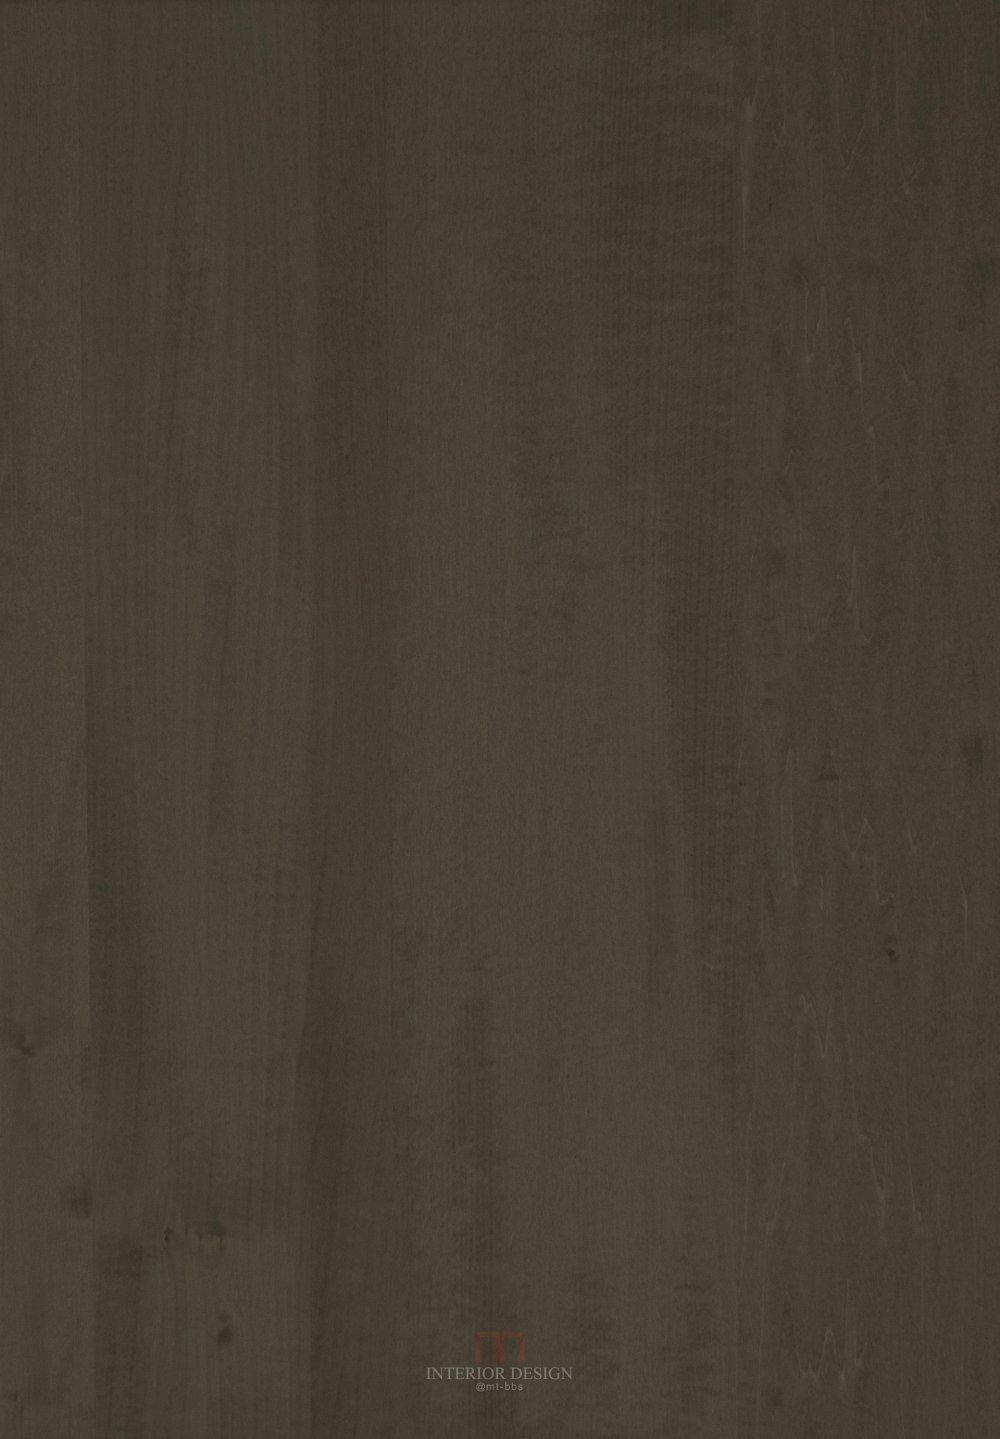 天然木纹_K6126CS_F0603.jpg